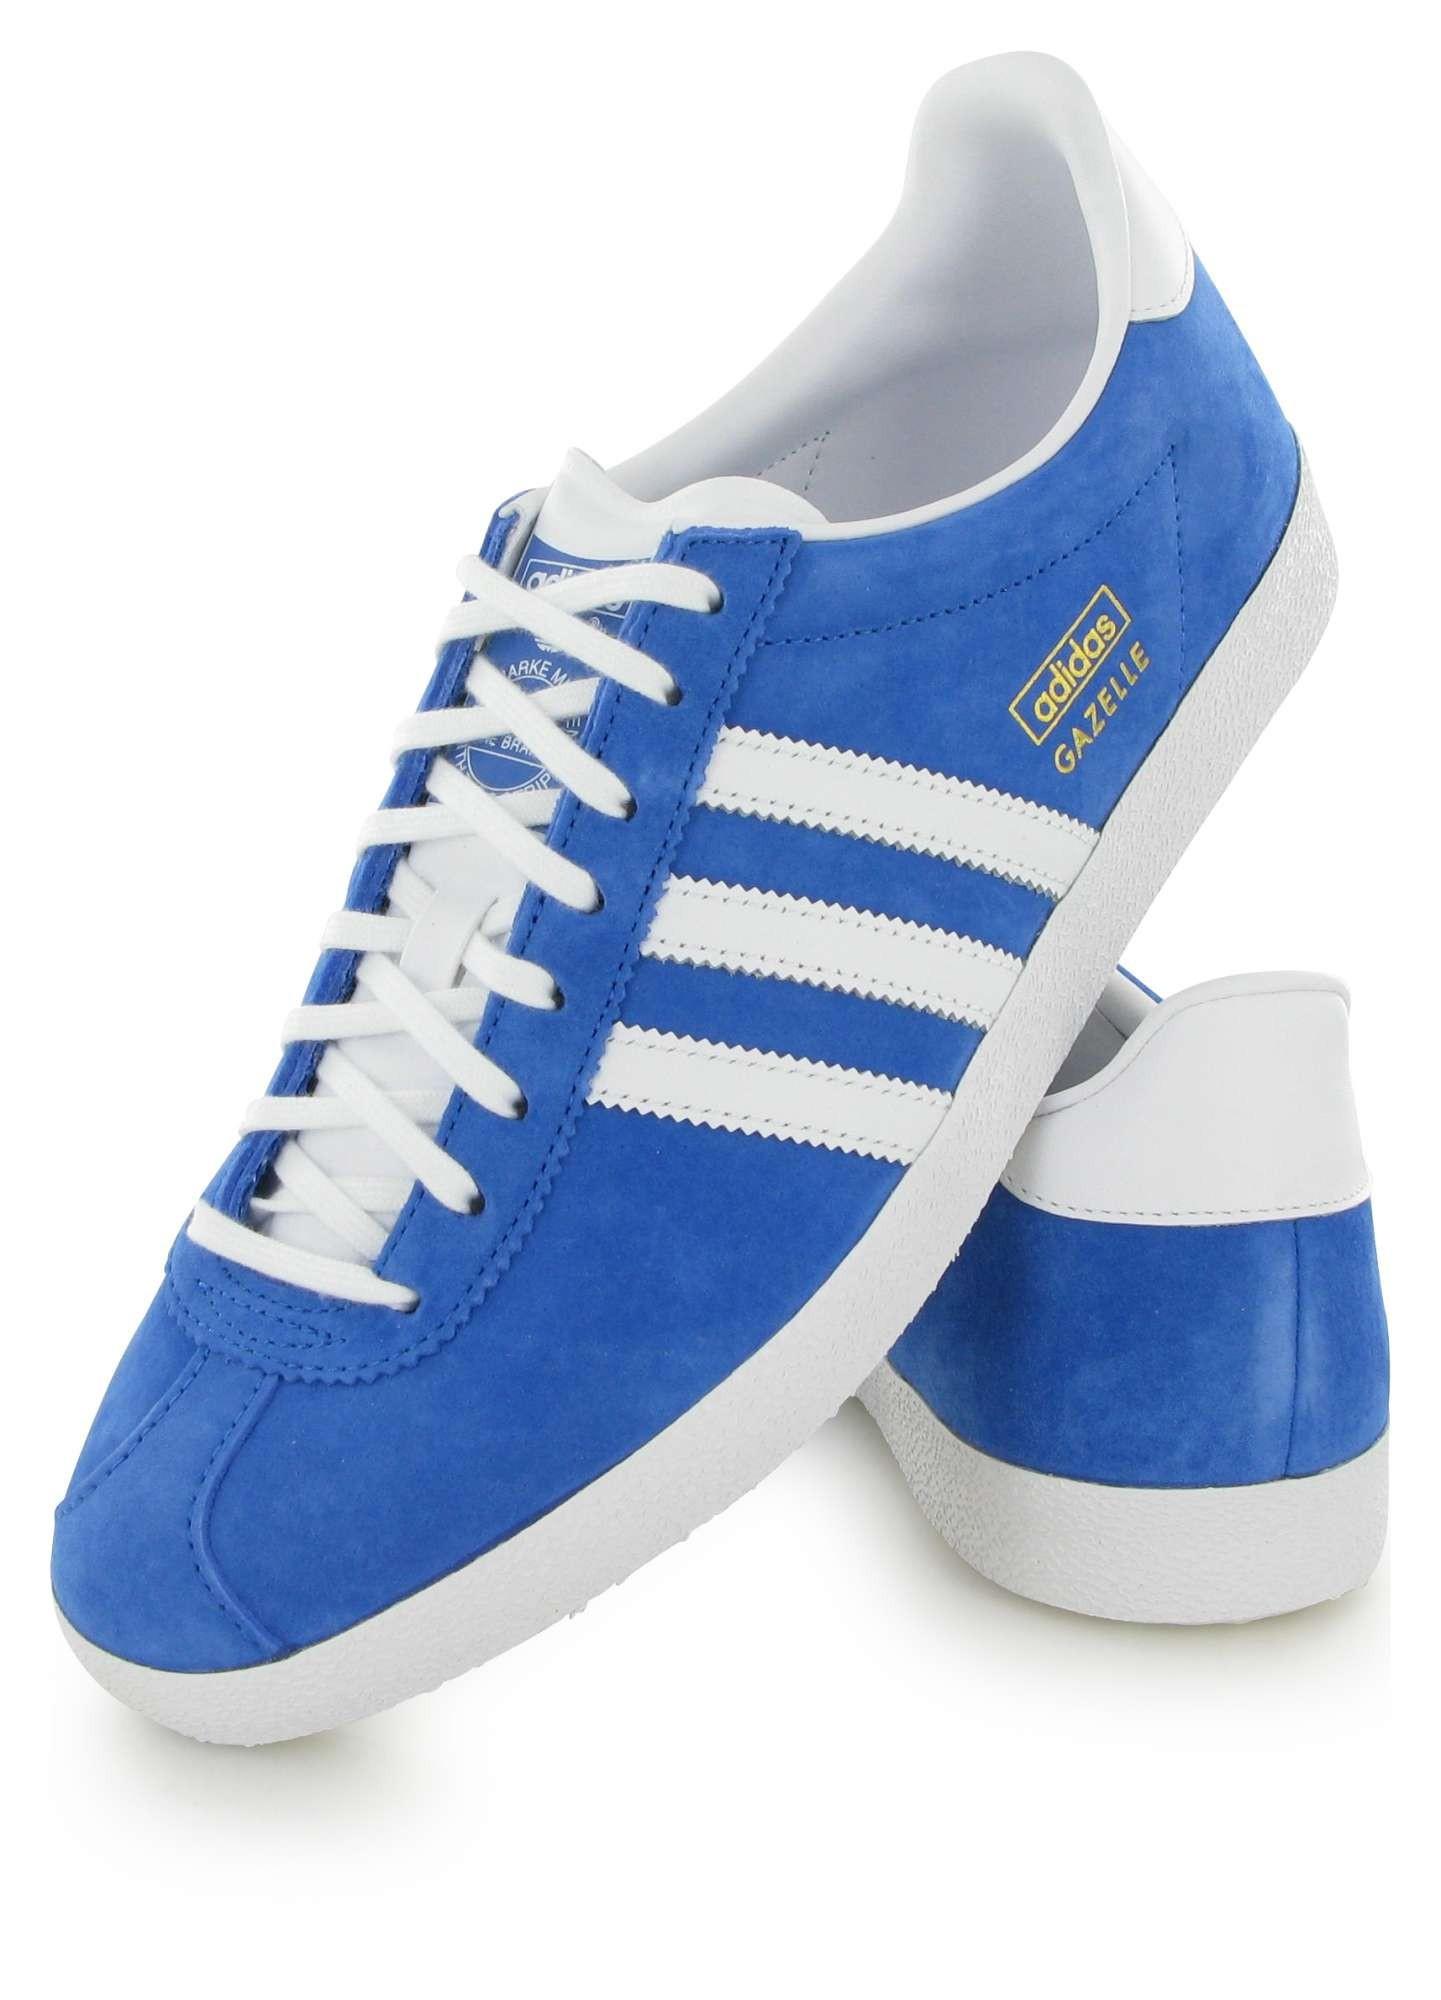 adidas gazelle bleu et marron